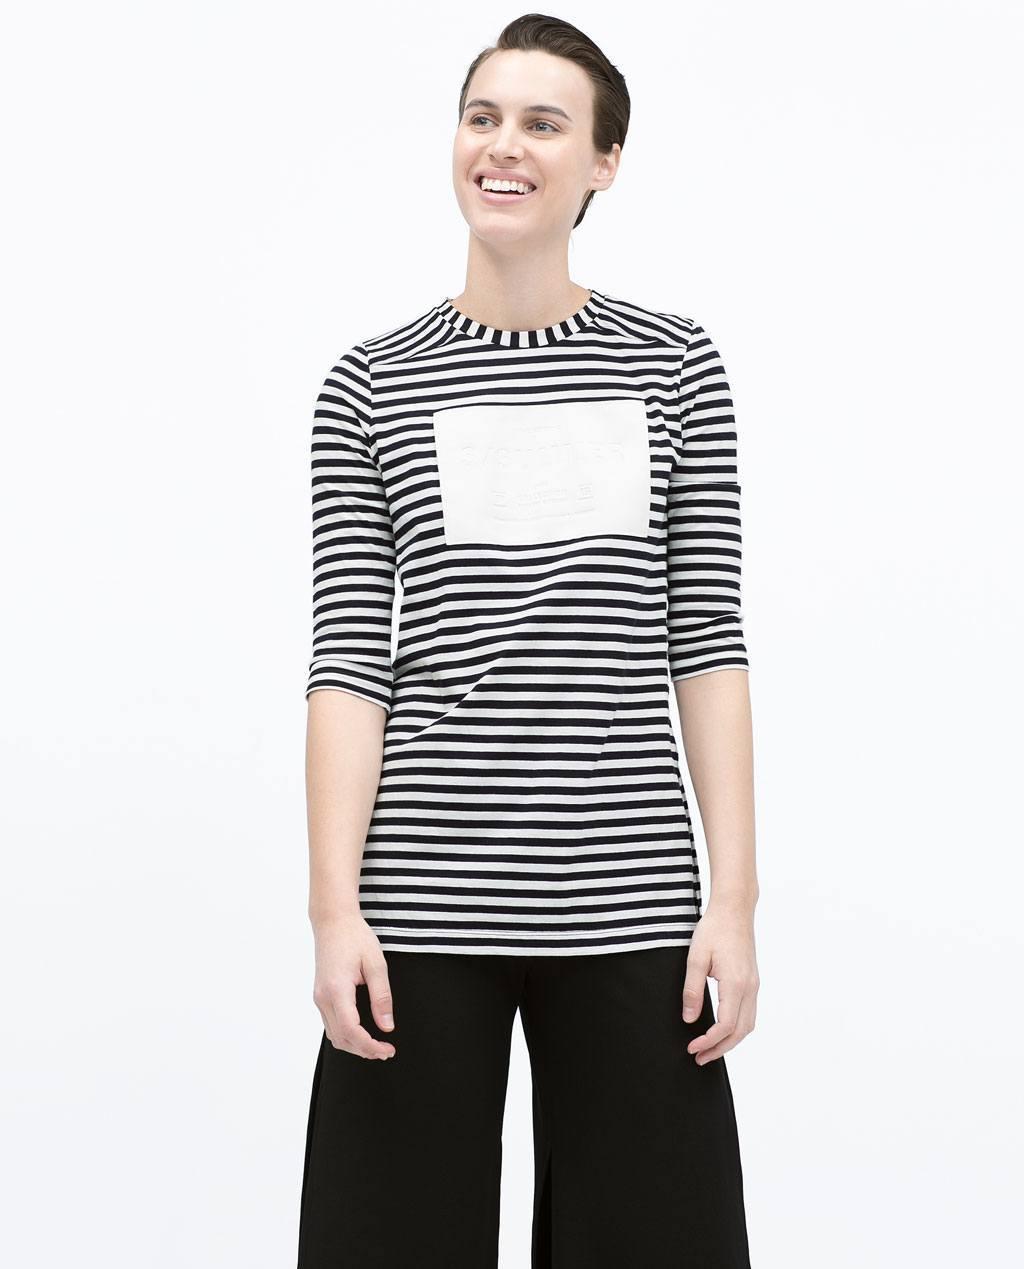 Catalogo zara premama primavera verano 2015 camiseta a - Catalogo de zara primavera verano 2015 ...